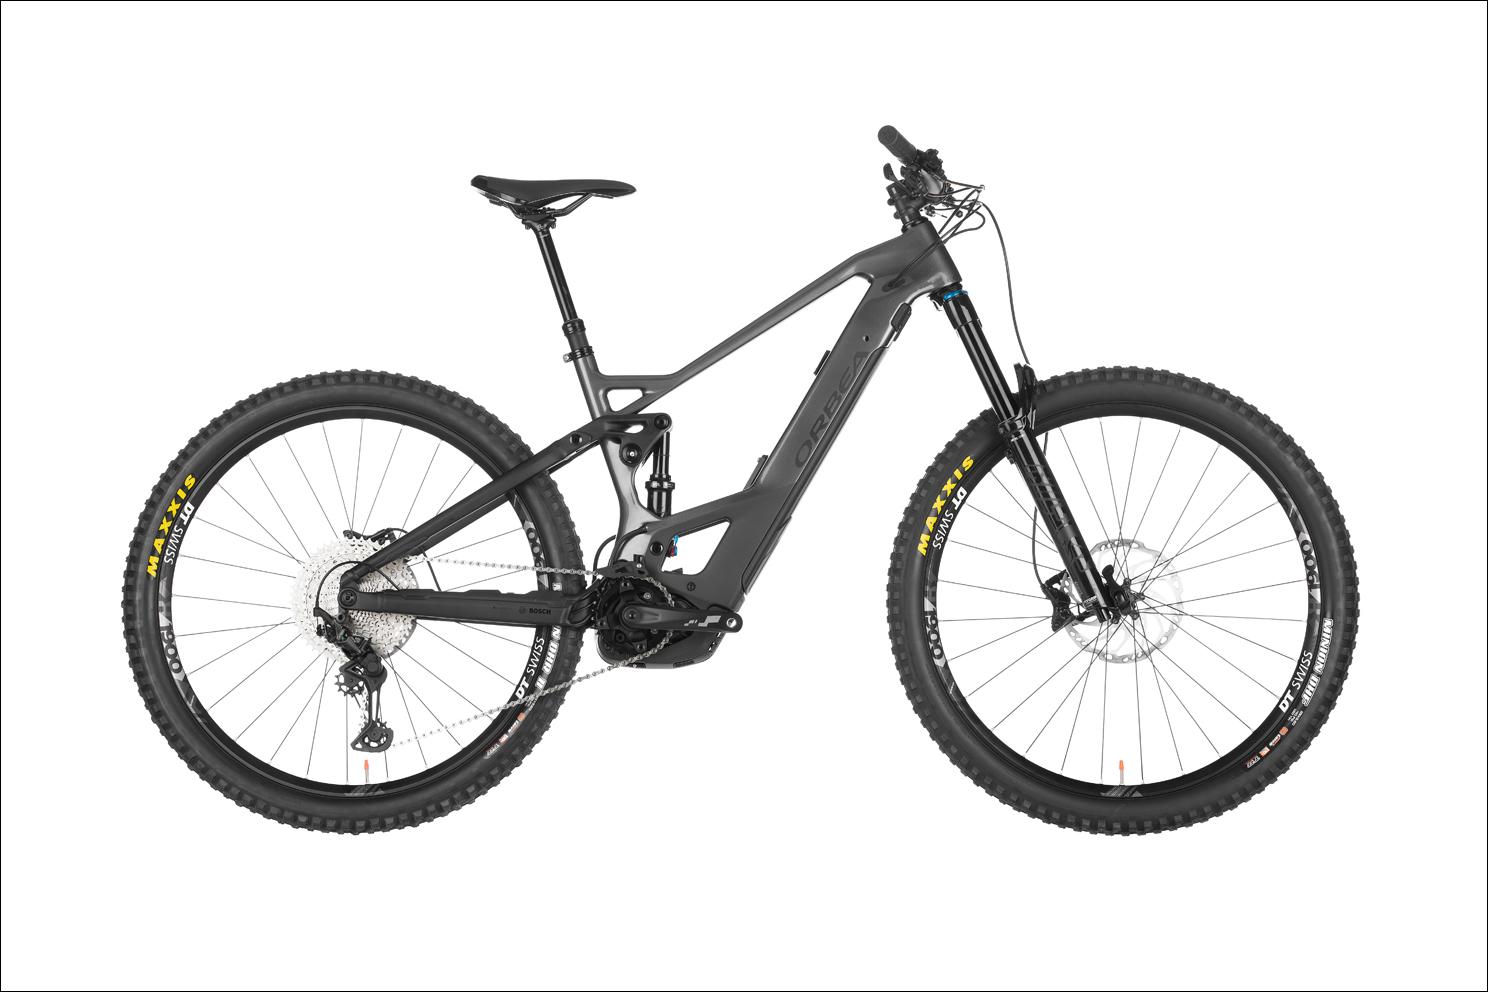 Orbea Wild FS Electric Mountain Bike